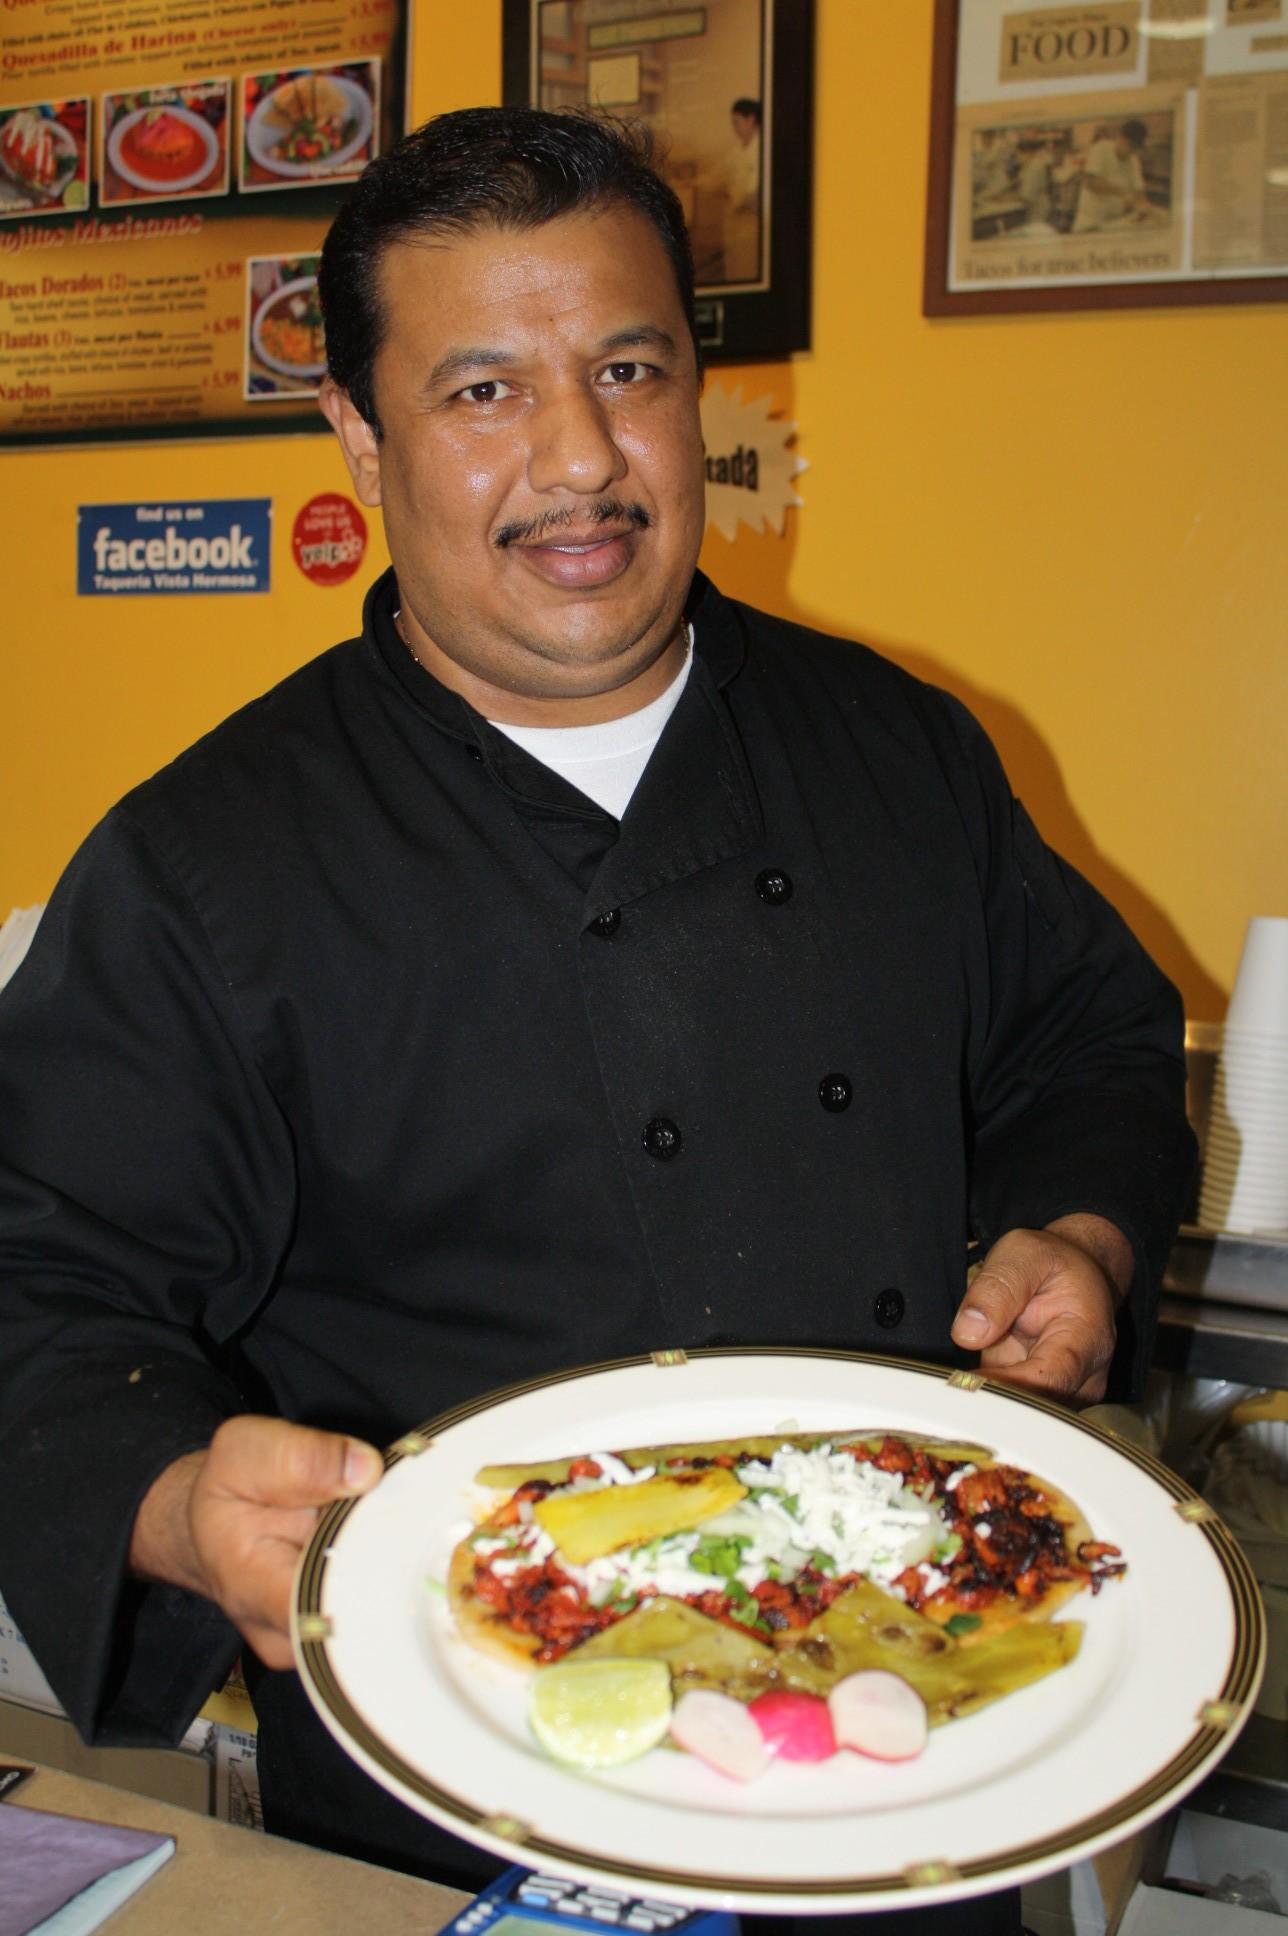 """Raúl Morales dueño y chef de """"Vista Hermosa Restaurant & Taquería"""". (Foto Agustín Durán/El Pasajero)"""